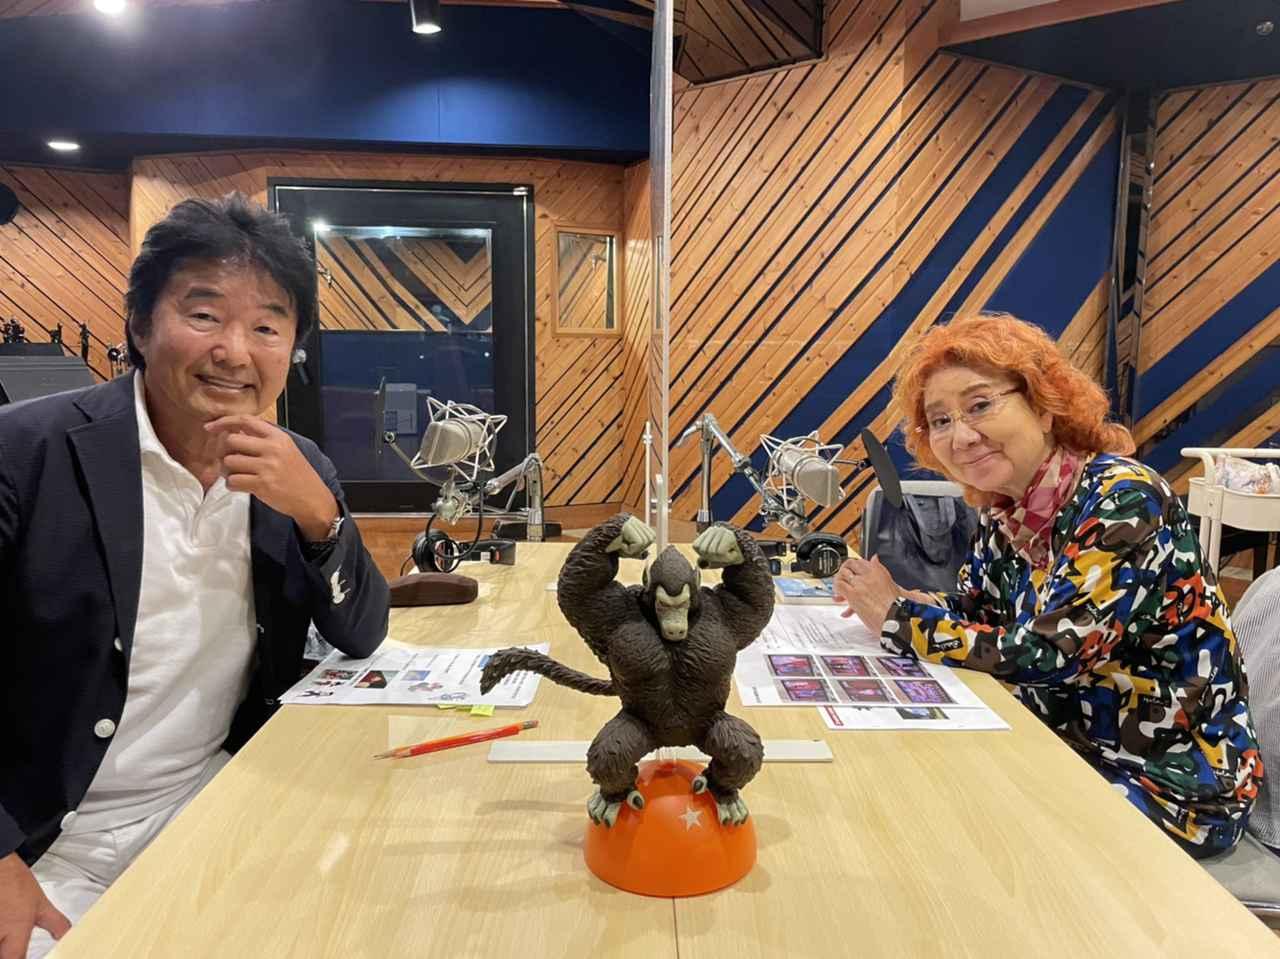 画像: 「続・野沢の雅子さん」6月26日(土)#48 ゲストは 「ブリキのおもちゃ博物館」館長の北原照久さん